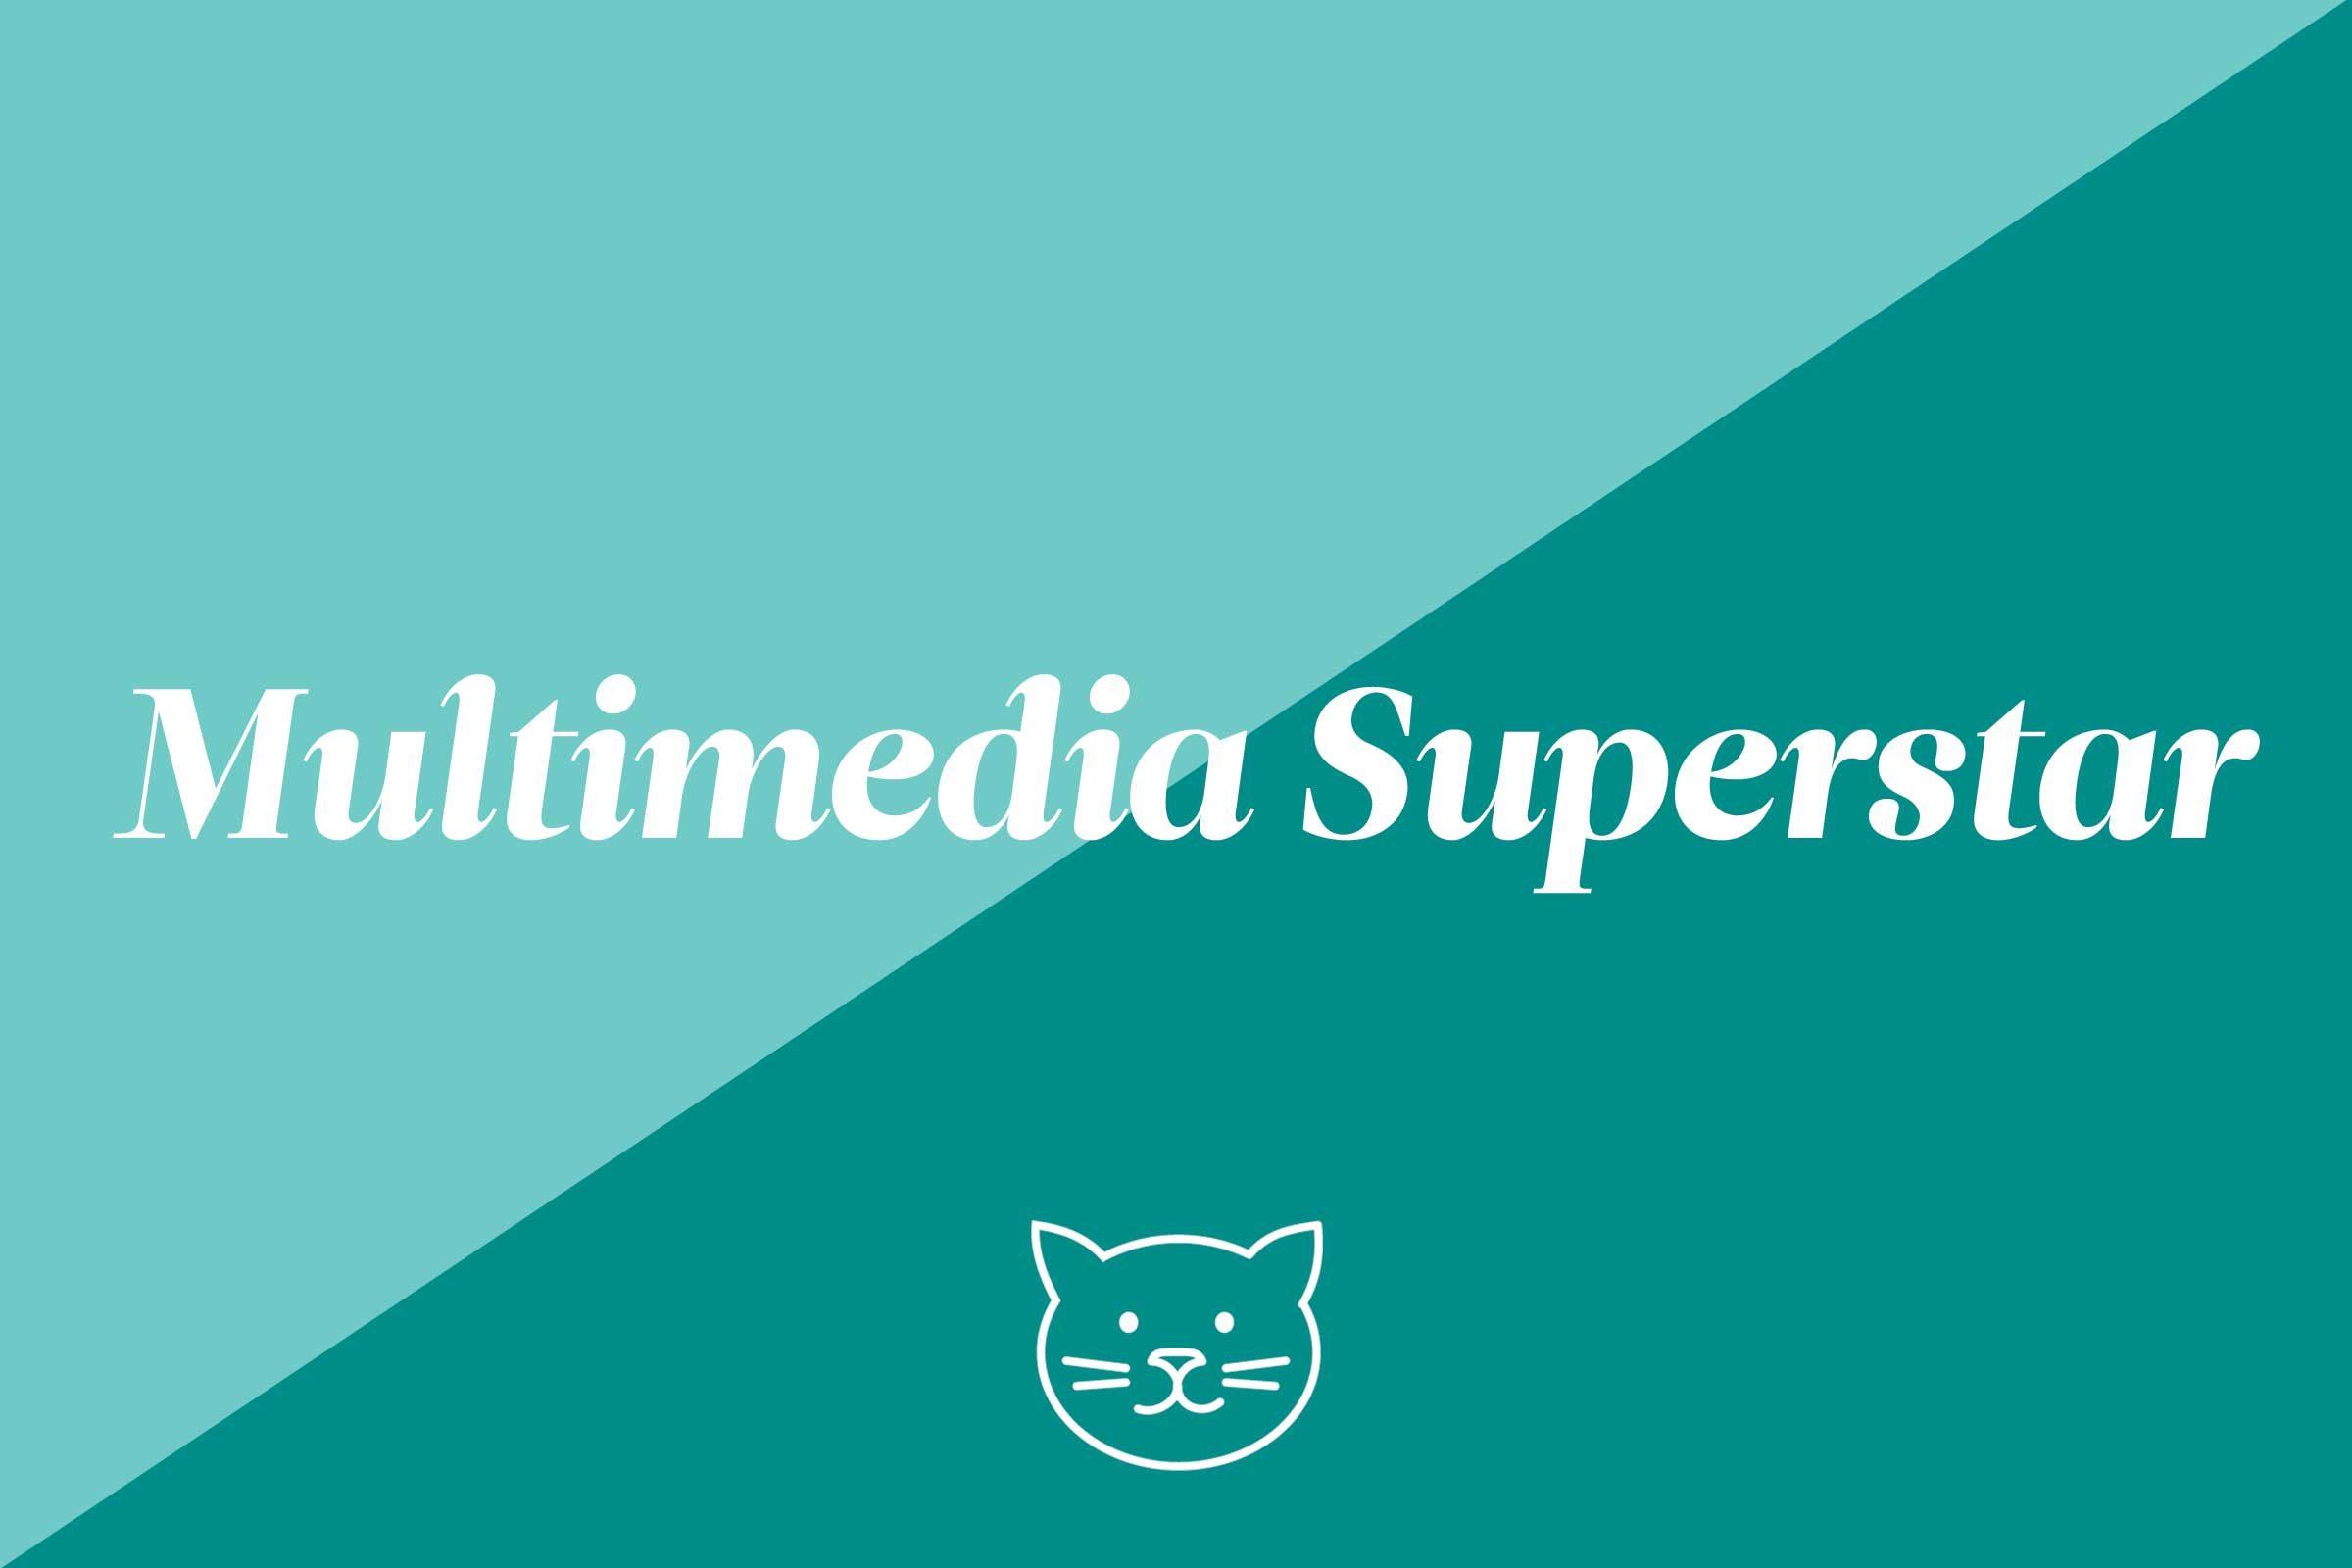 Multimedia Superstar